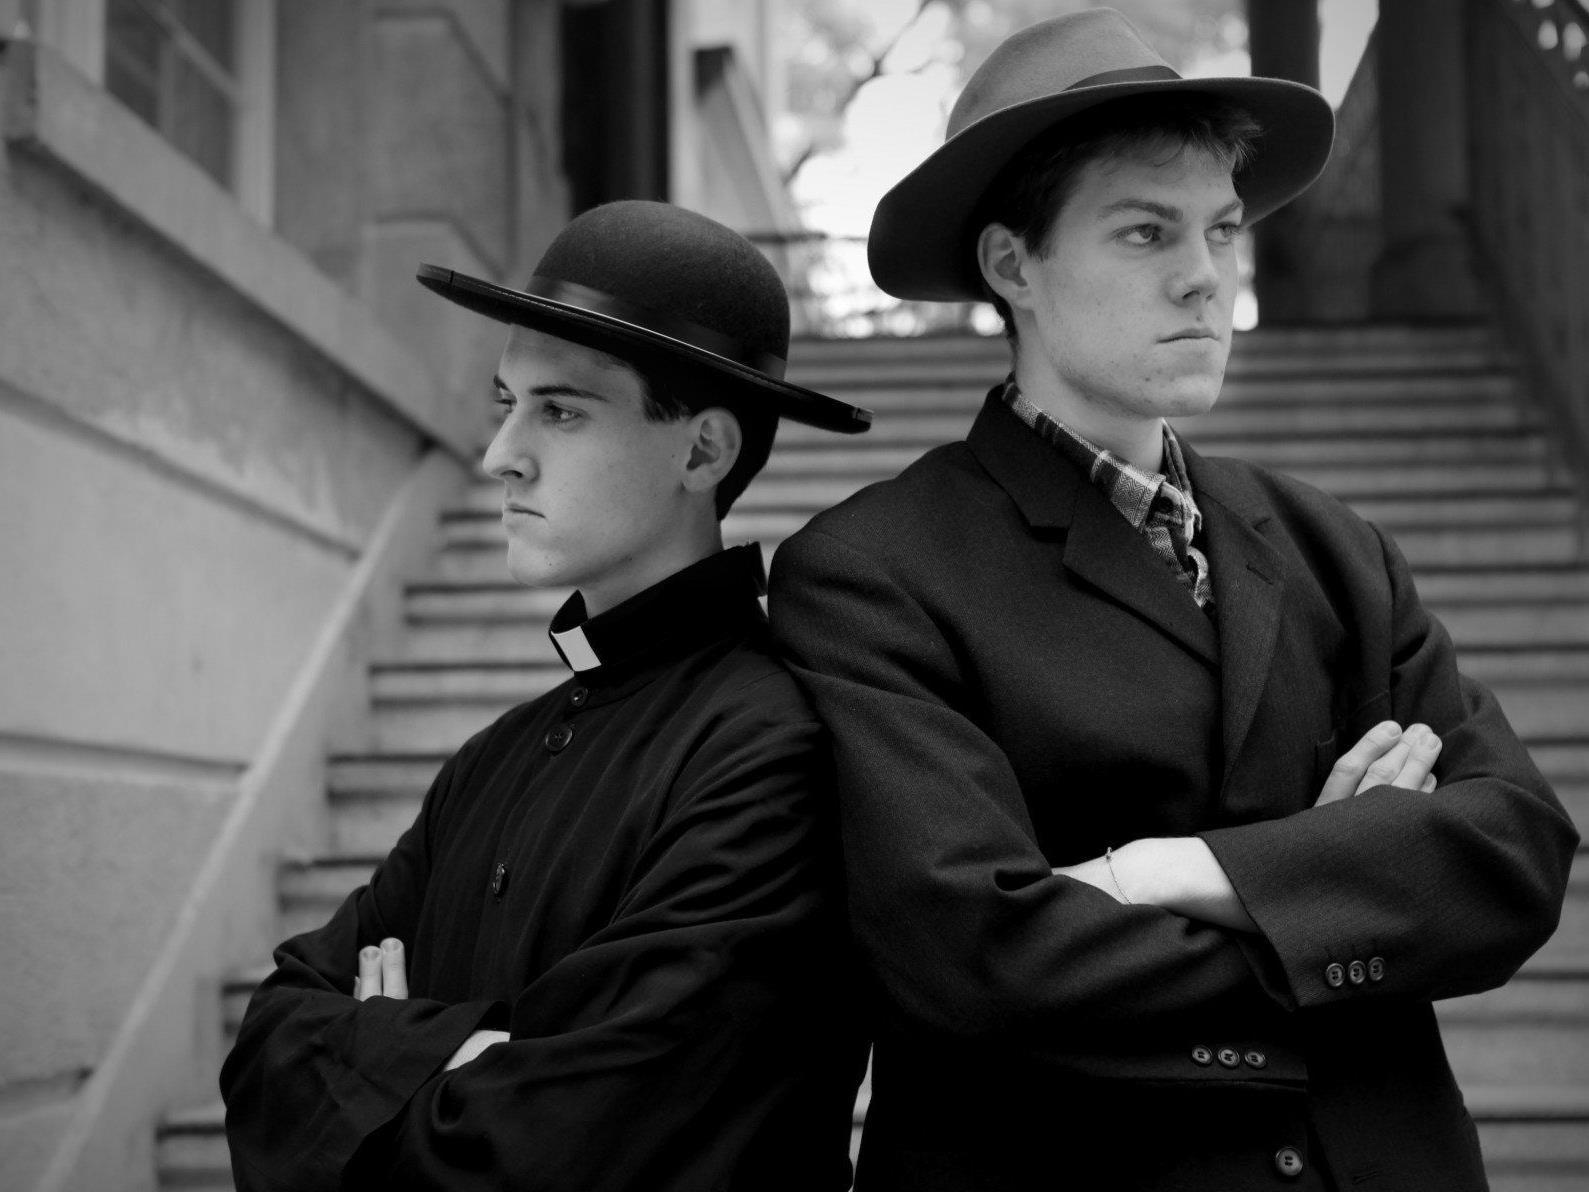 Don Camillo (Gabriel Steiner) und Peppone (David Lins) gelangen auf unterschiedlichen Wegen an dasselbe Ziel.